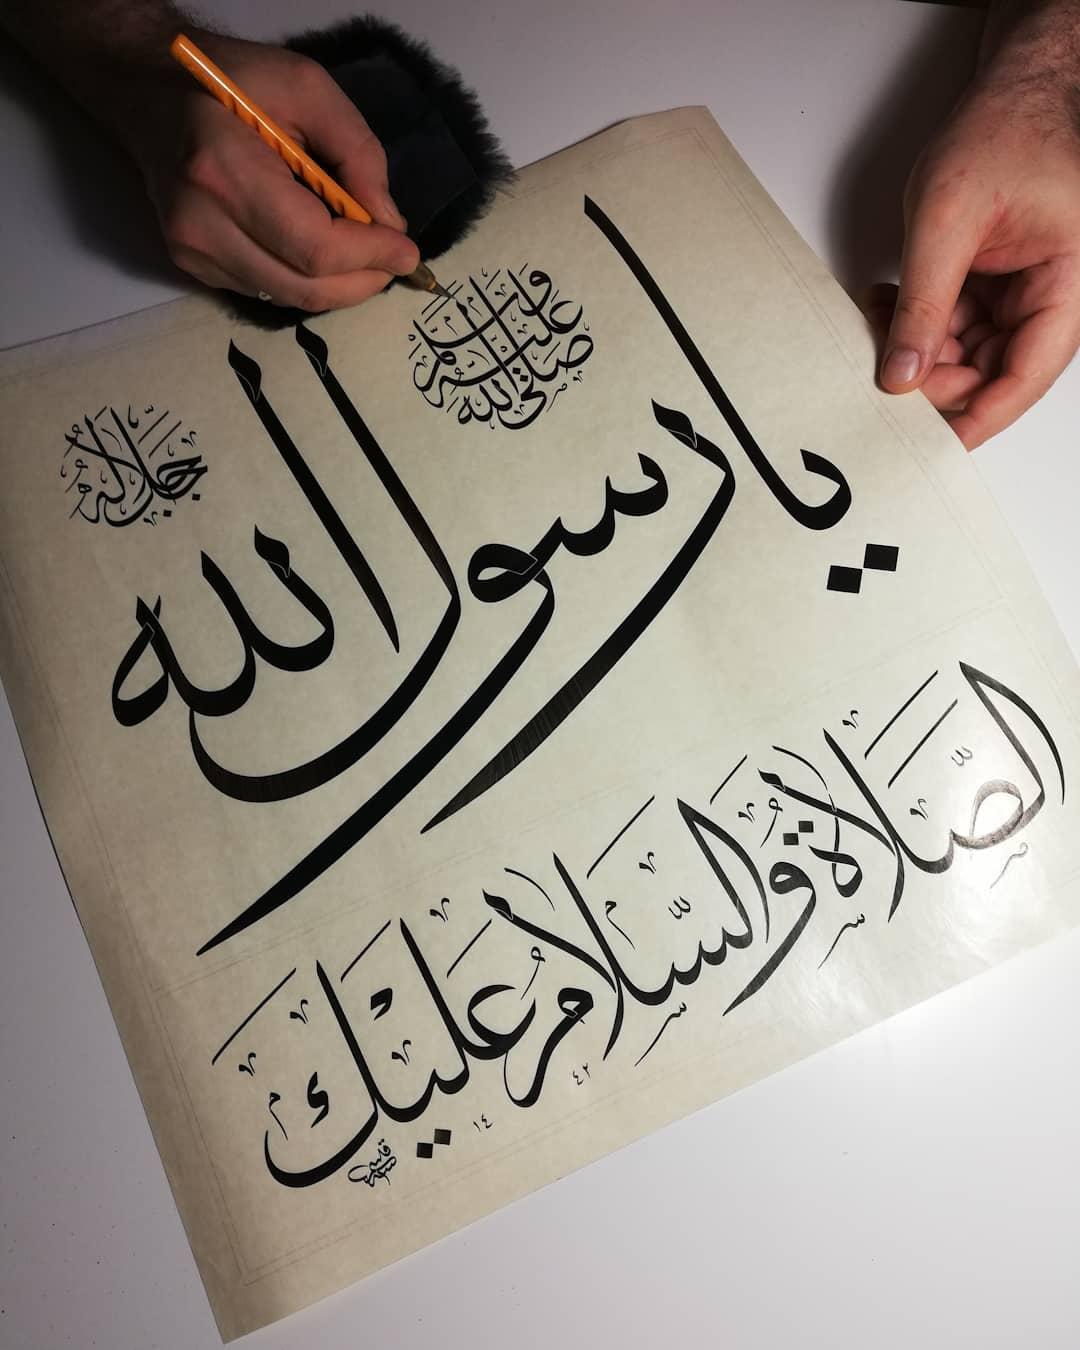 Hattat Kasım Kara قاسم قاره  Esselatu Vesselamu Aleyke Ya Rasullah... üçüncü kez yazmak nasip oldu...Şefaatin... 989 1